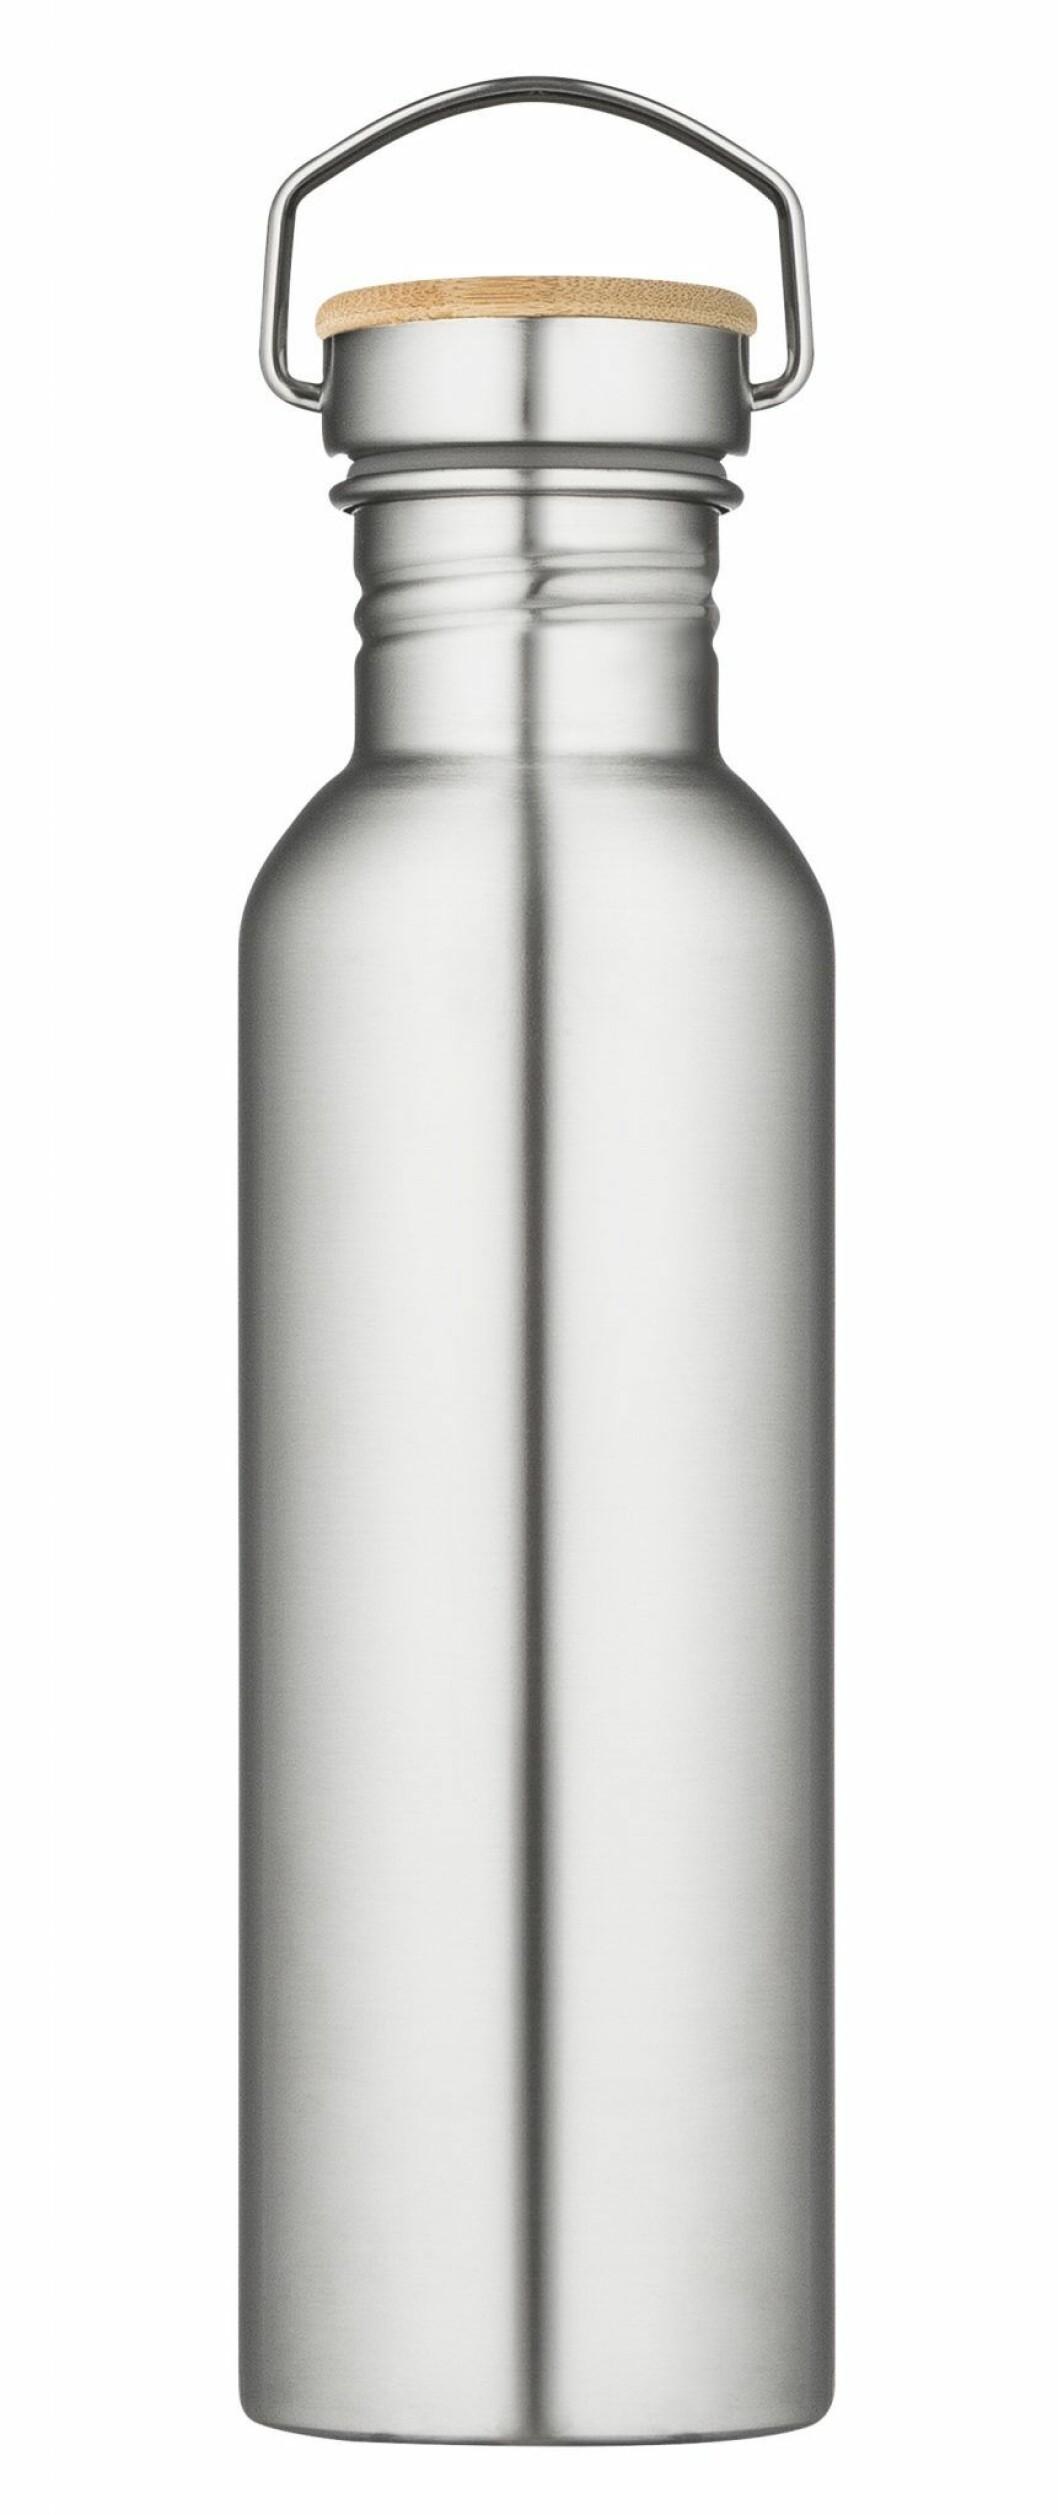 Rostfri vattenflaska från Granit.